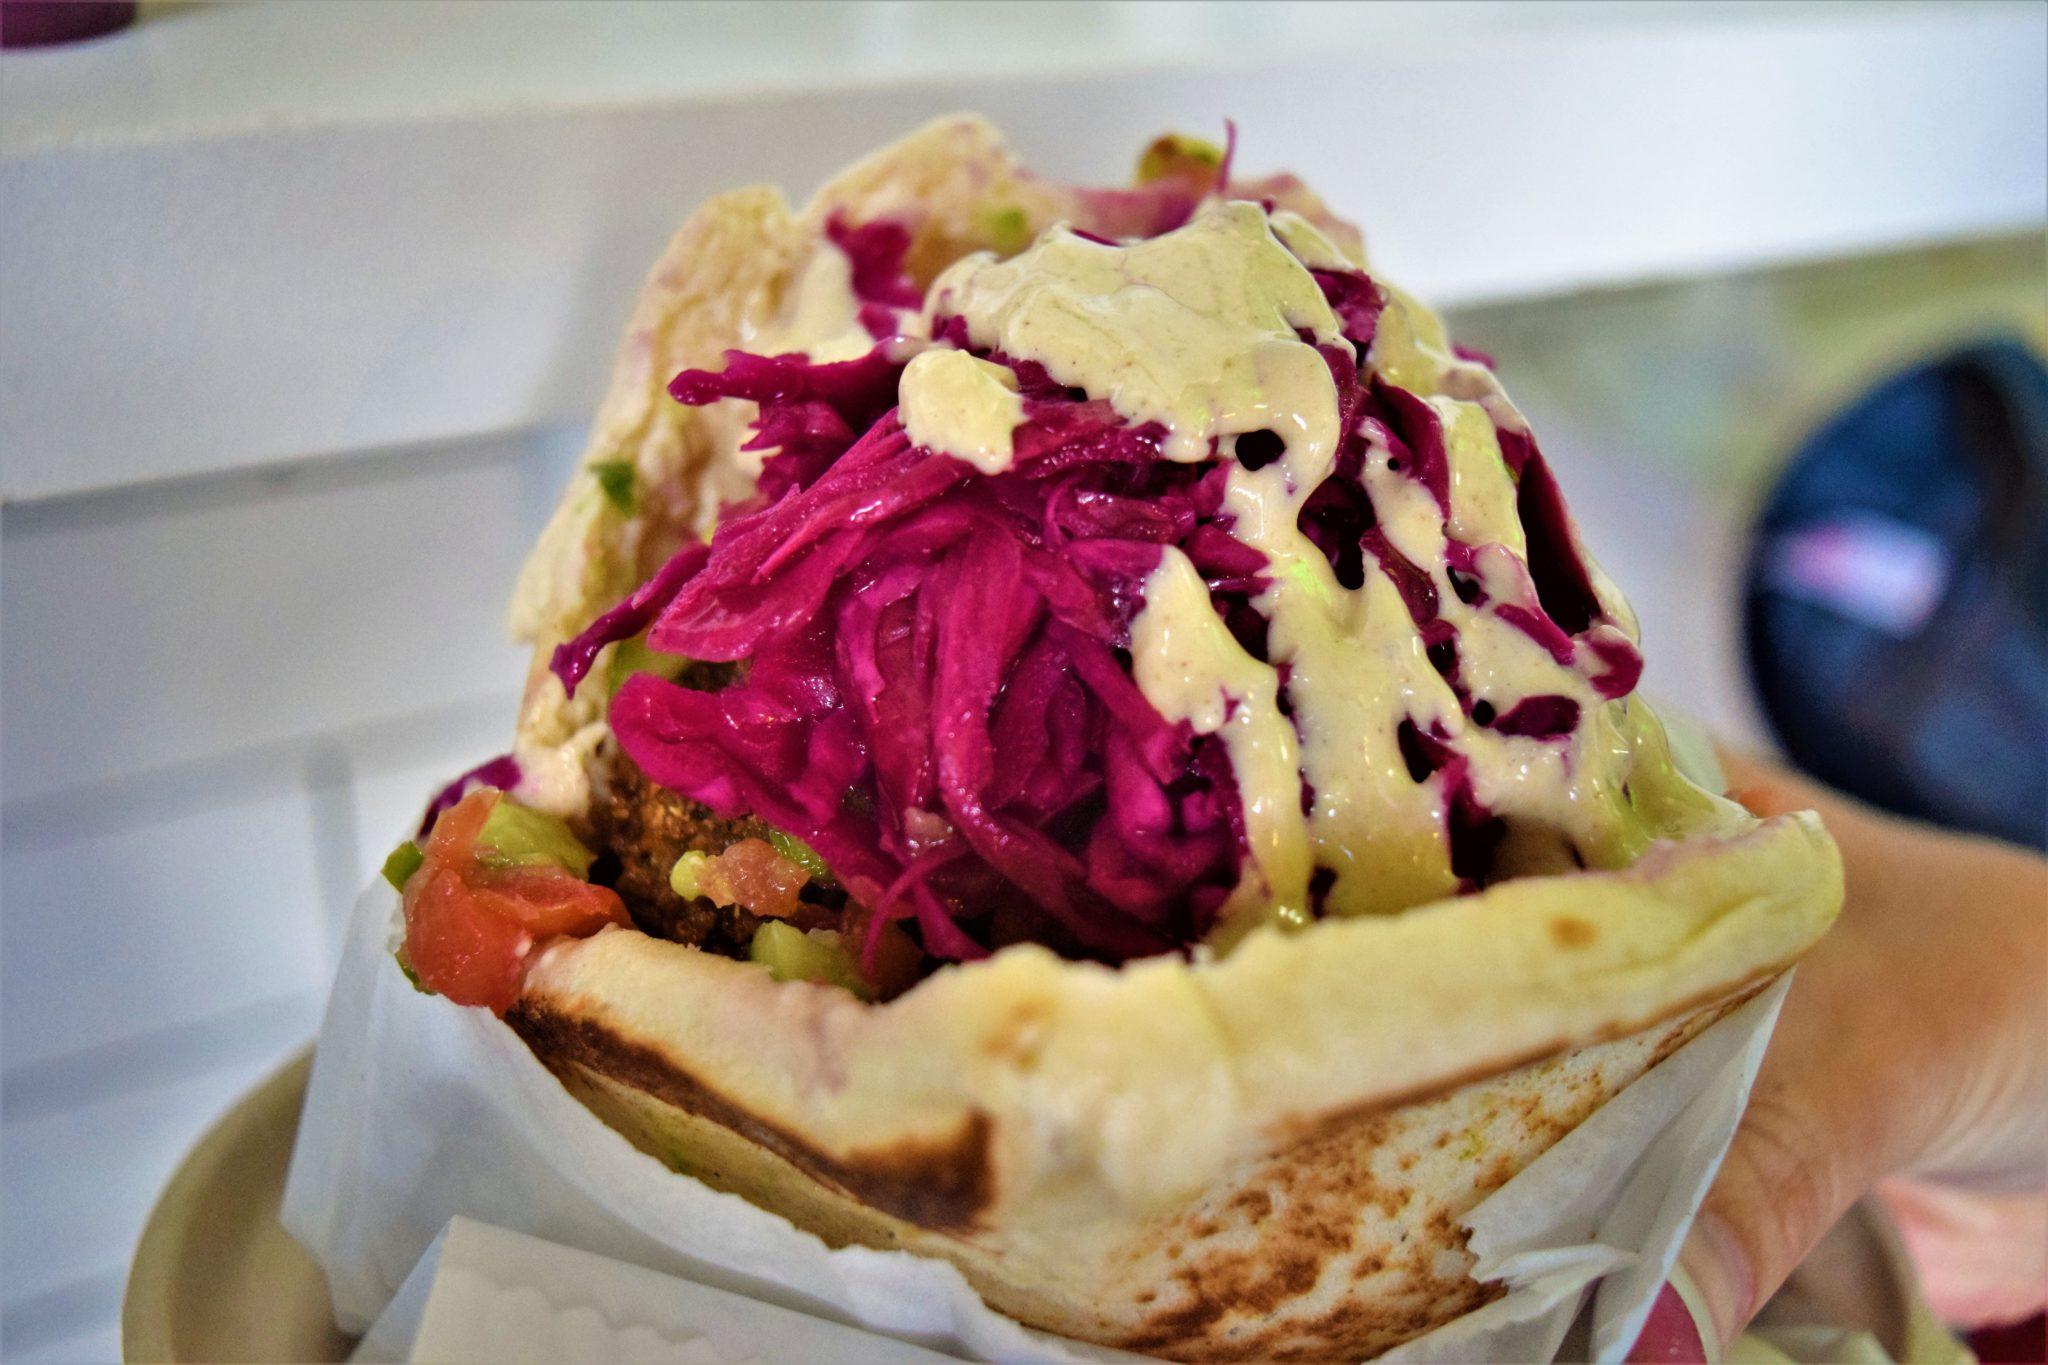 vegan burrito at Fala Bar, los angeles